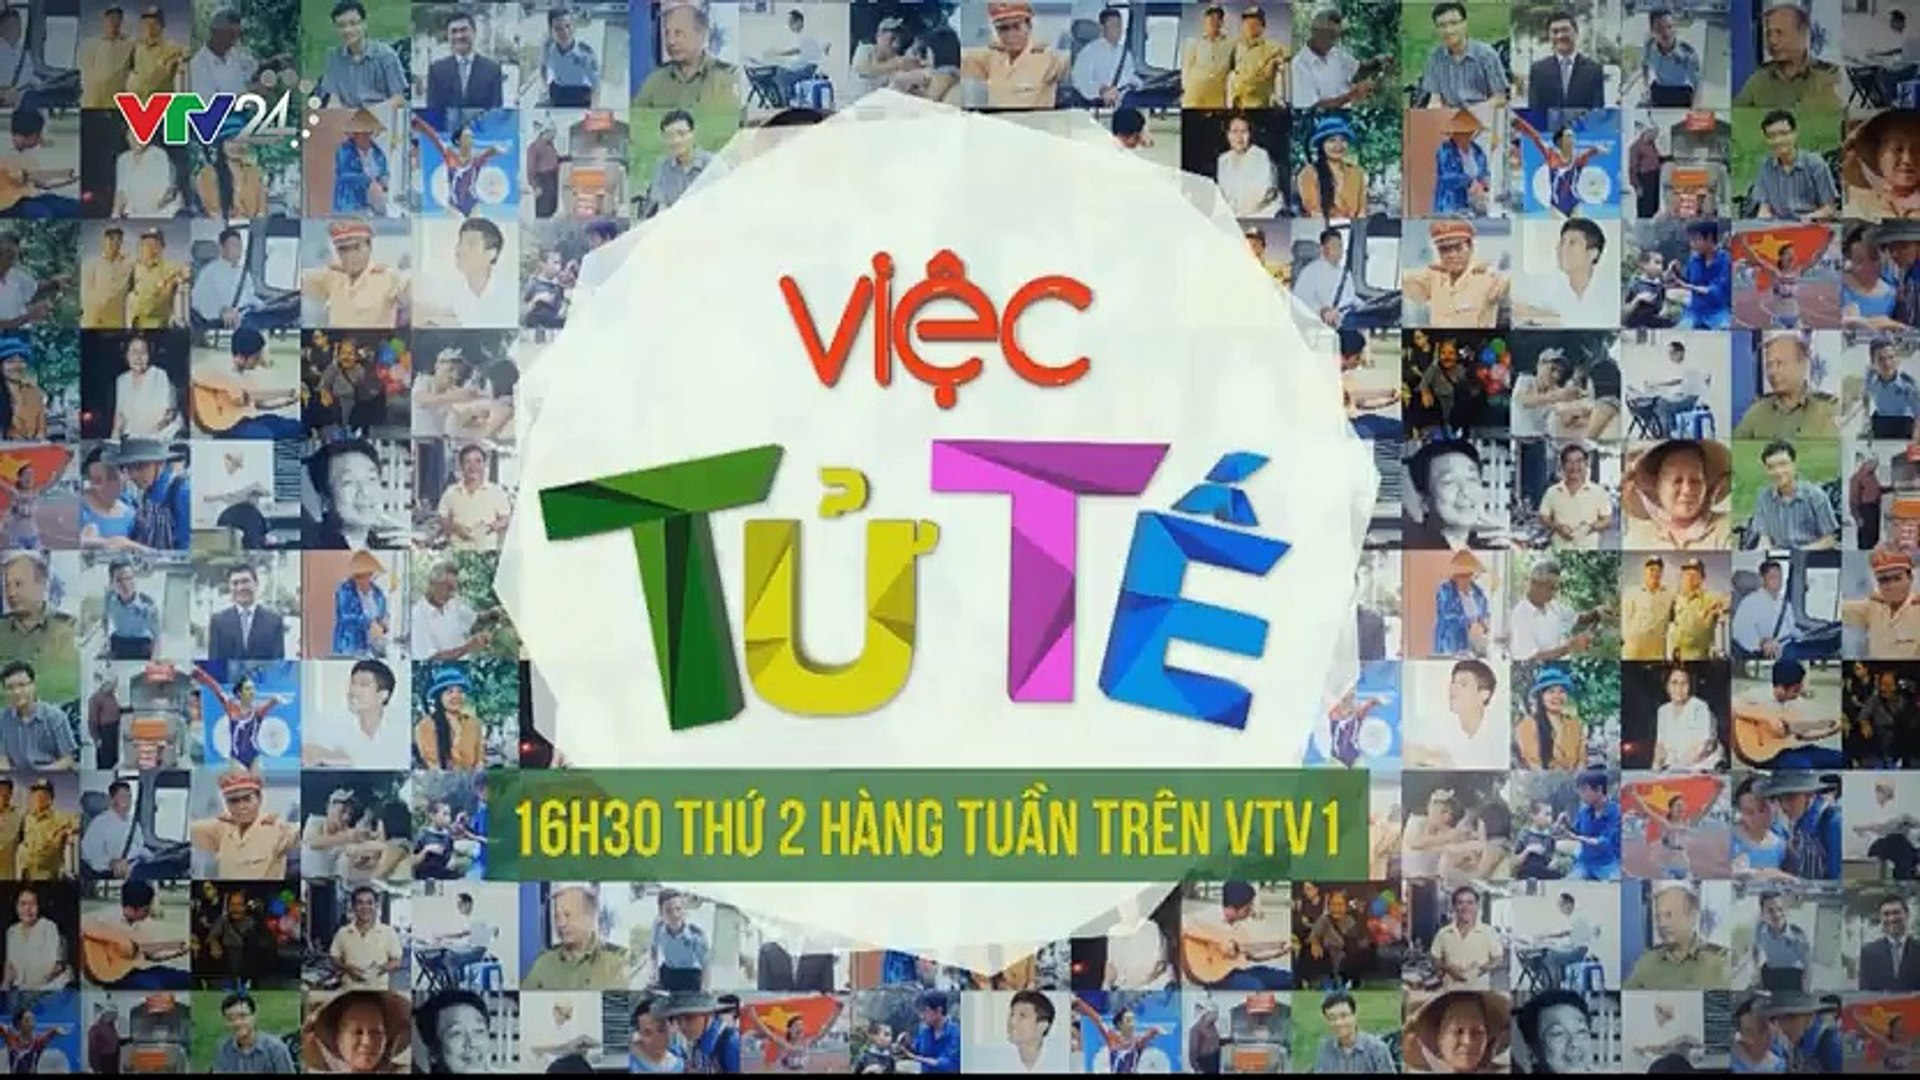 Trực tiếp chương trình Việc Tử Tế lên sóng lúc 16h30 thứ Hai hàng tuần trên VTV1